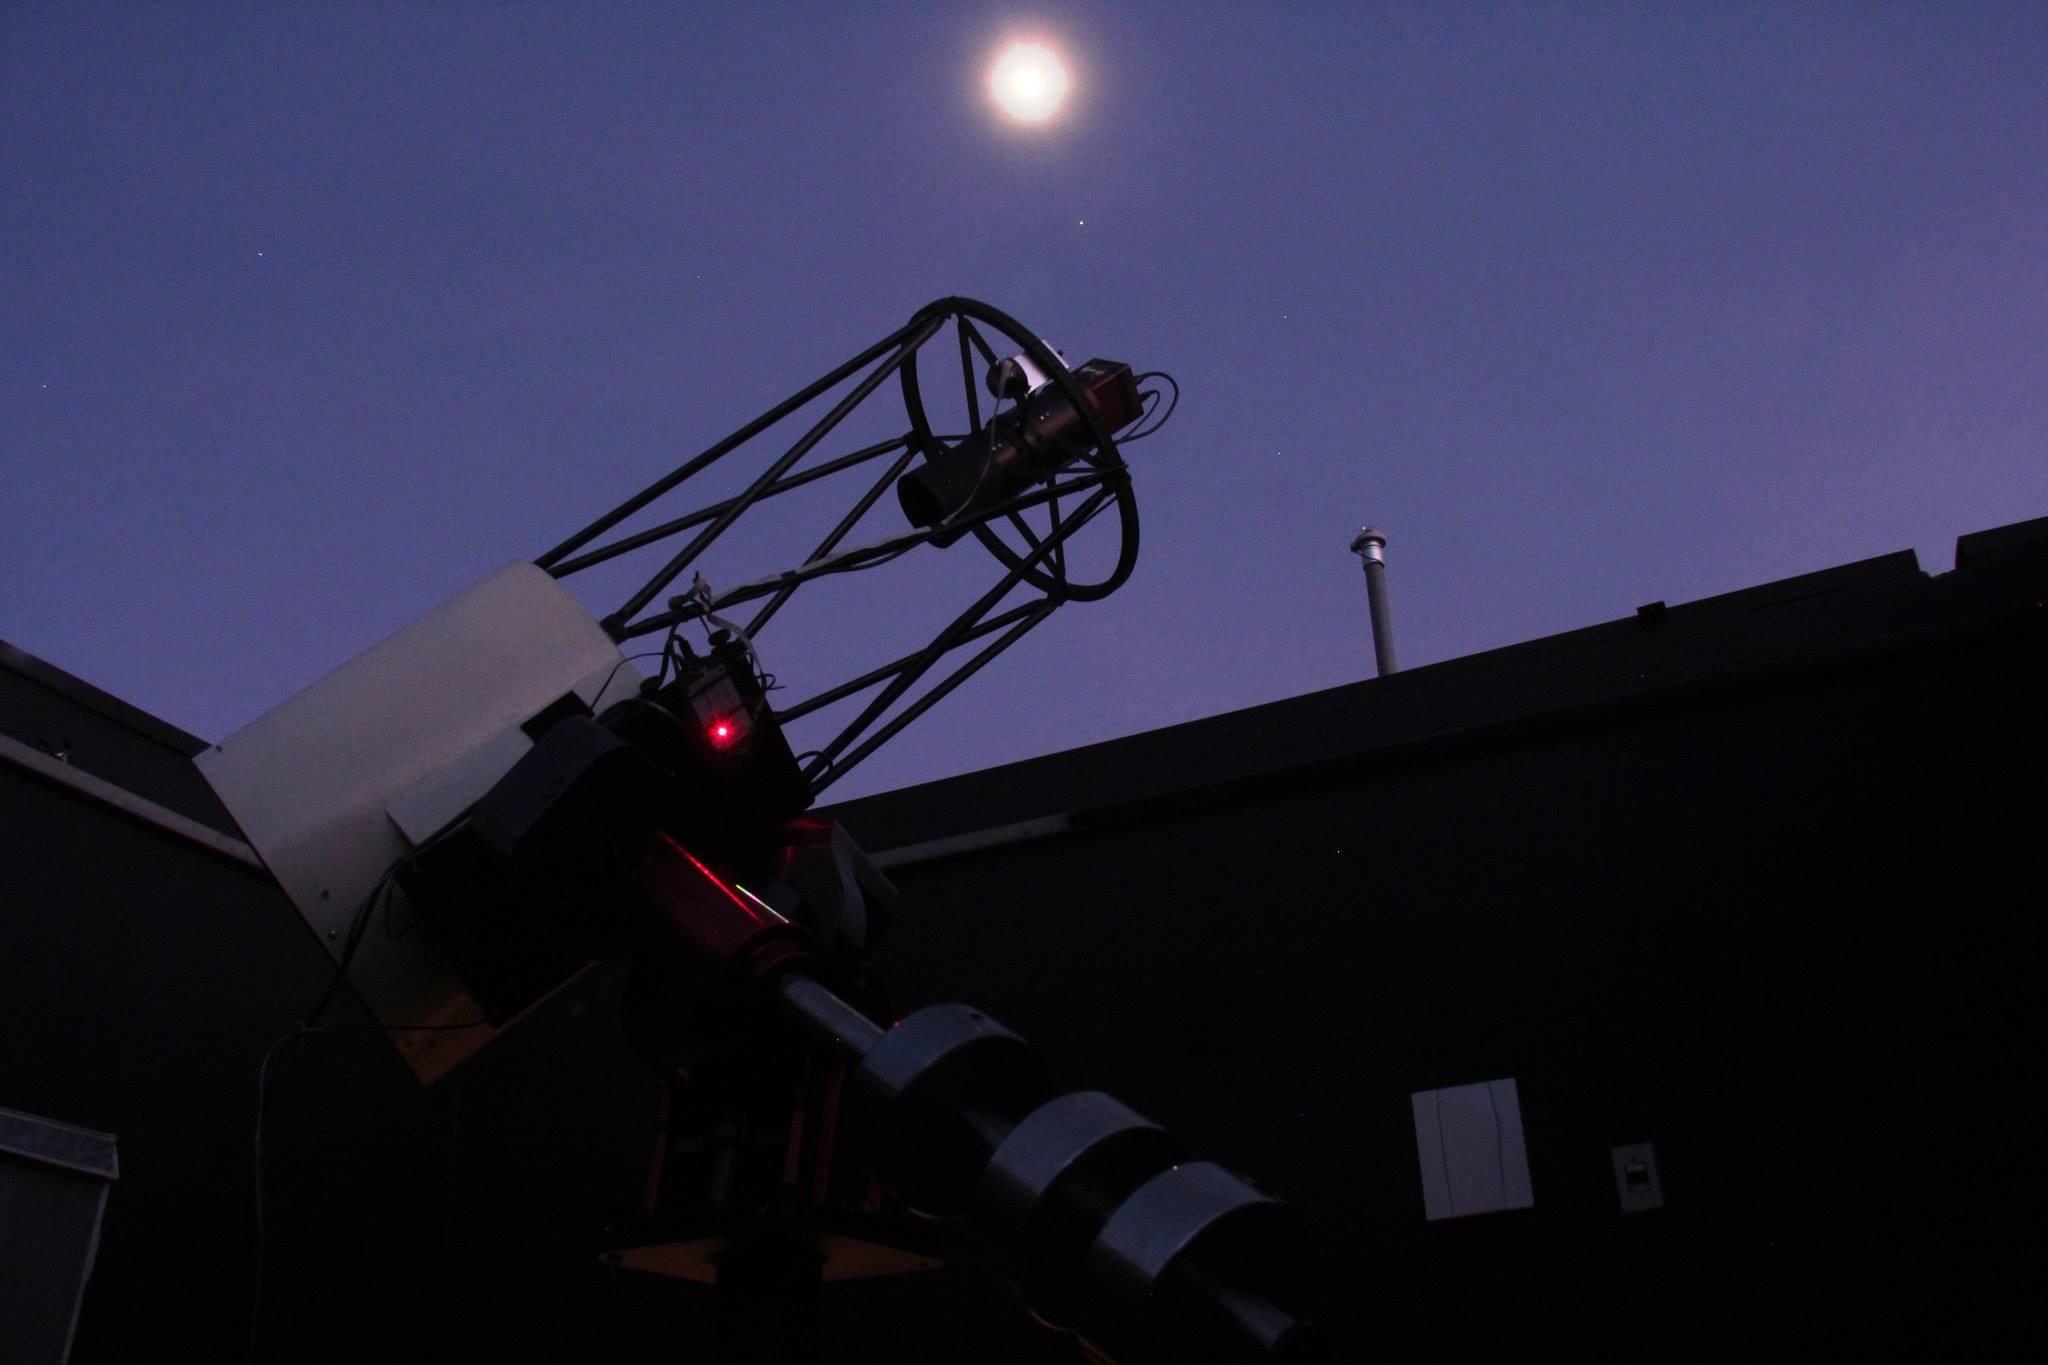 O belo telescópio do observatório SONEAR sob a luz do luar